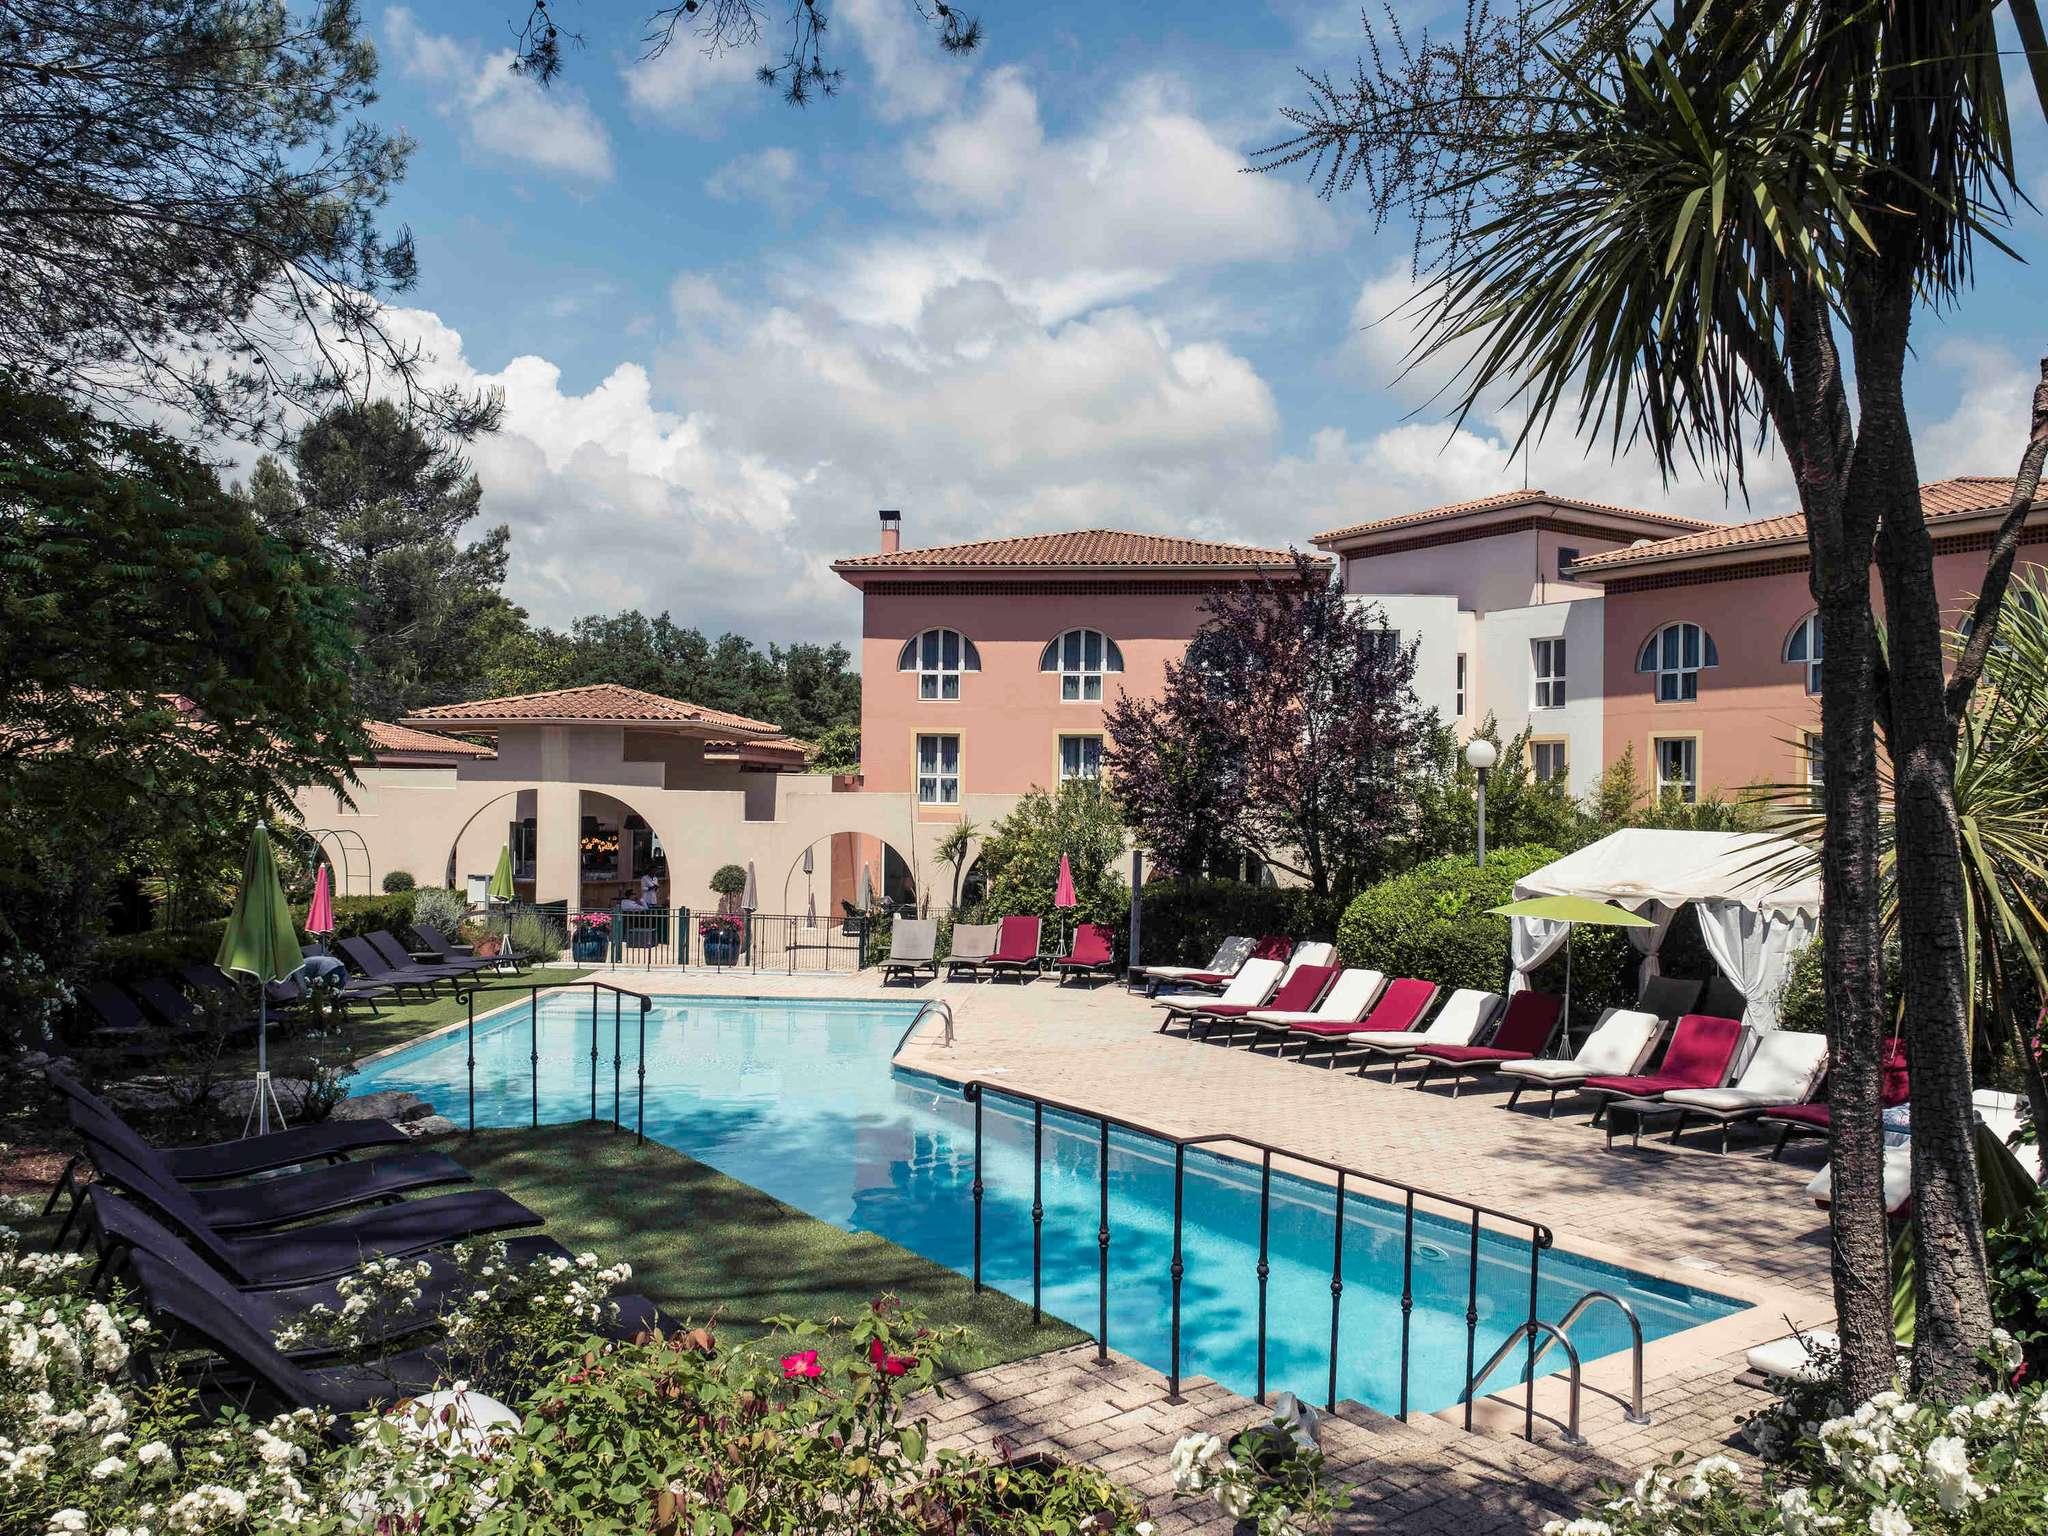 Hotel - Mercure Antibes Sophia Antipolis Hotel